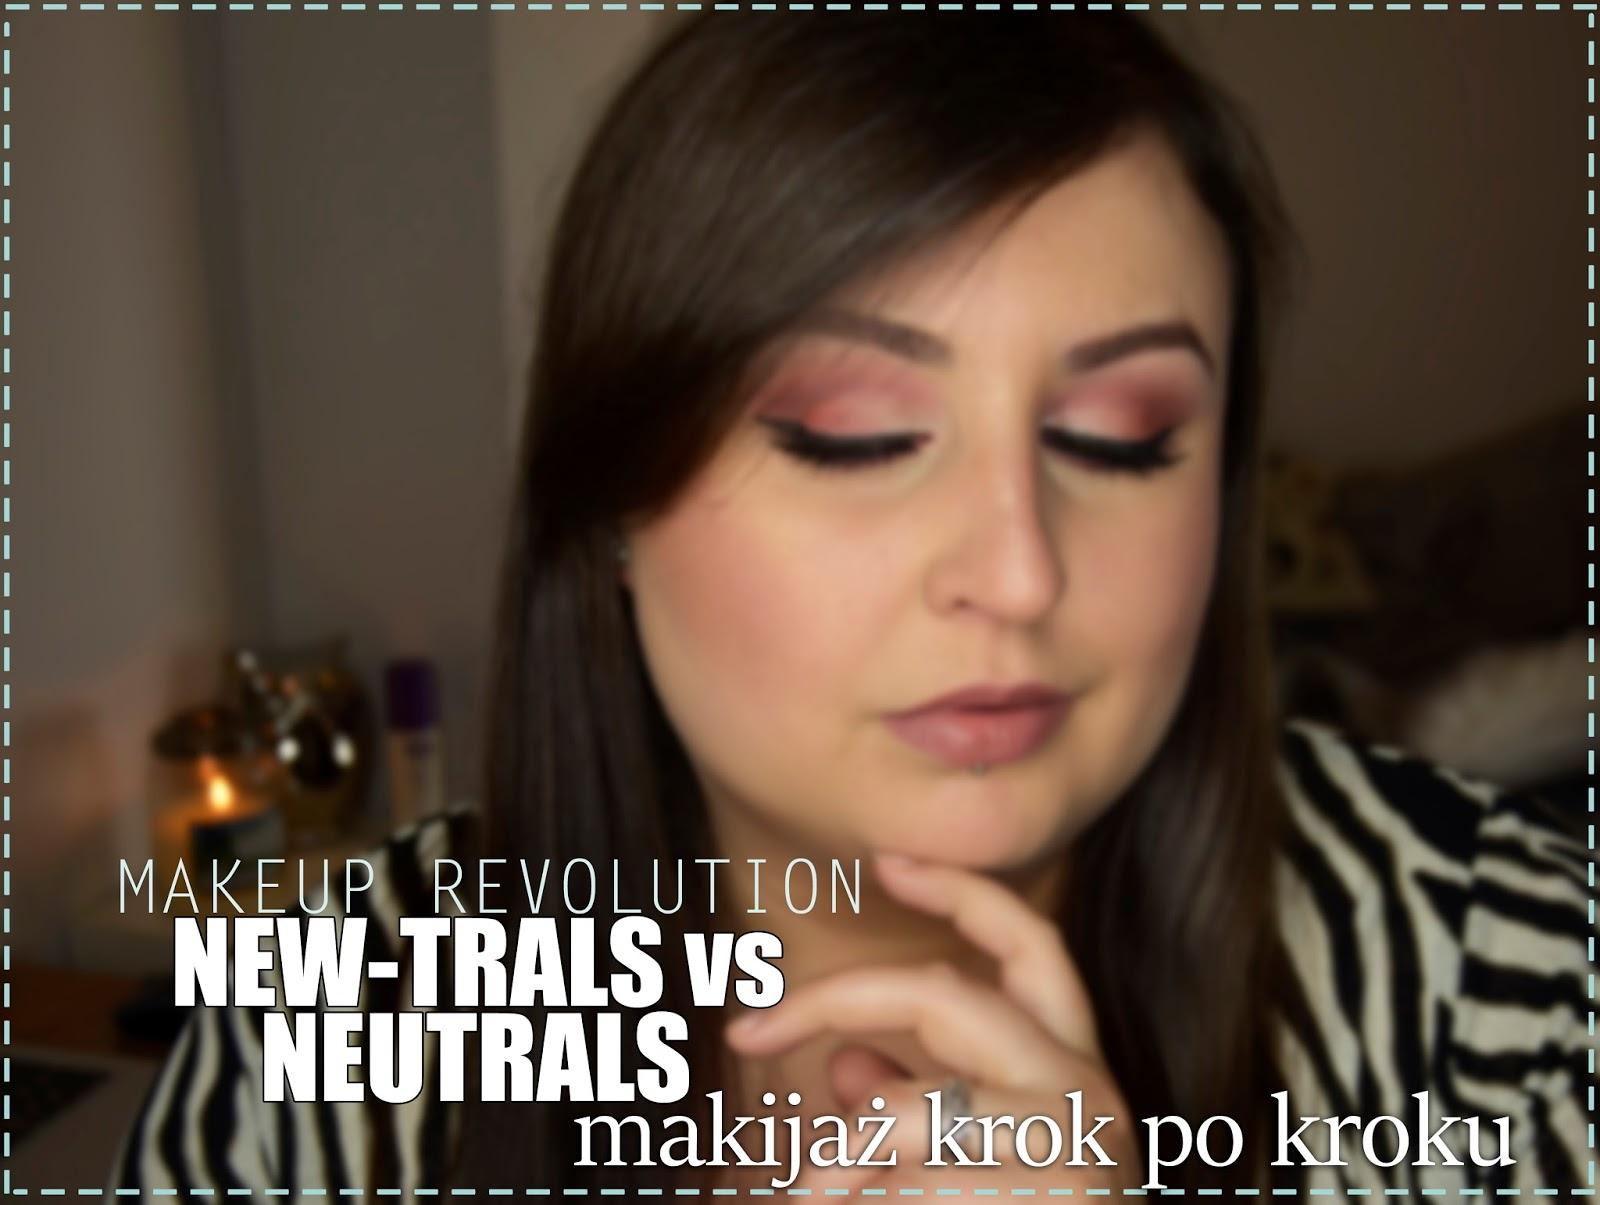 Ciepły makijaż krok po kroku | Makeup Revolution